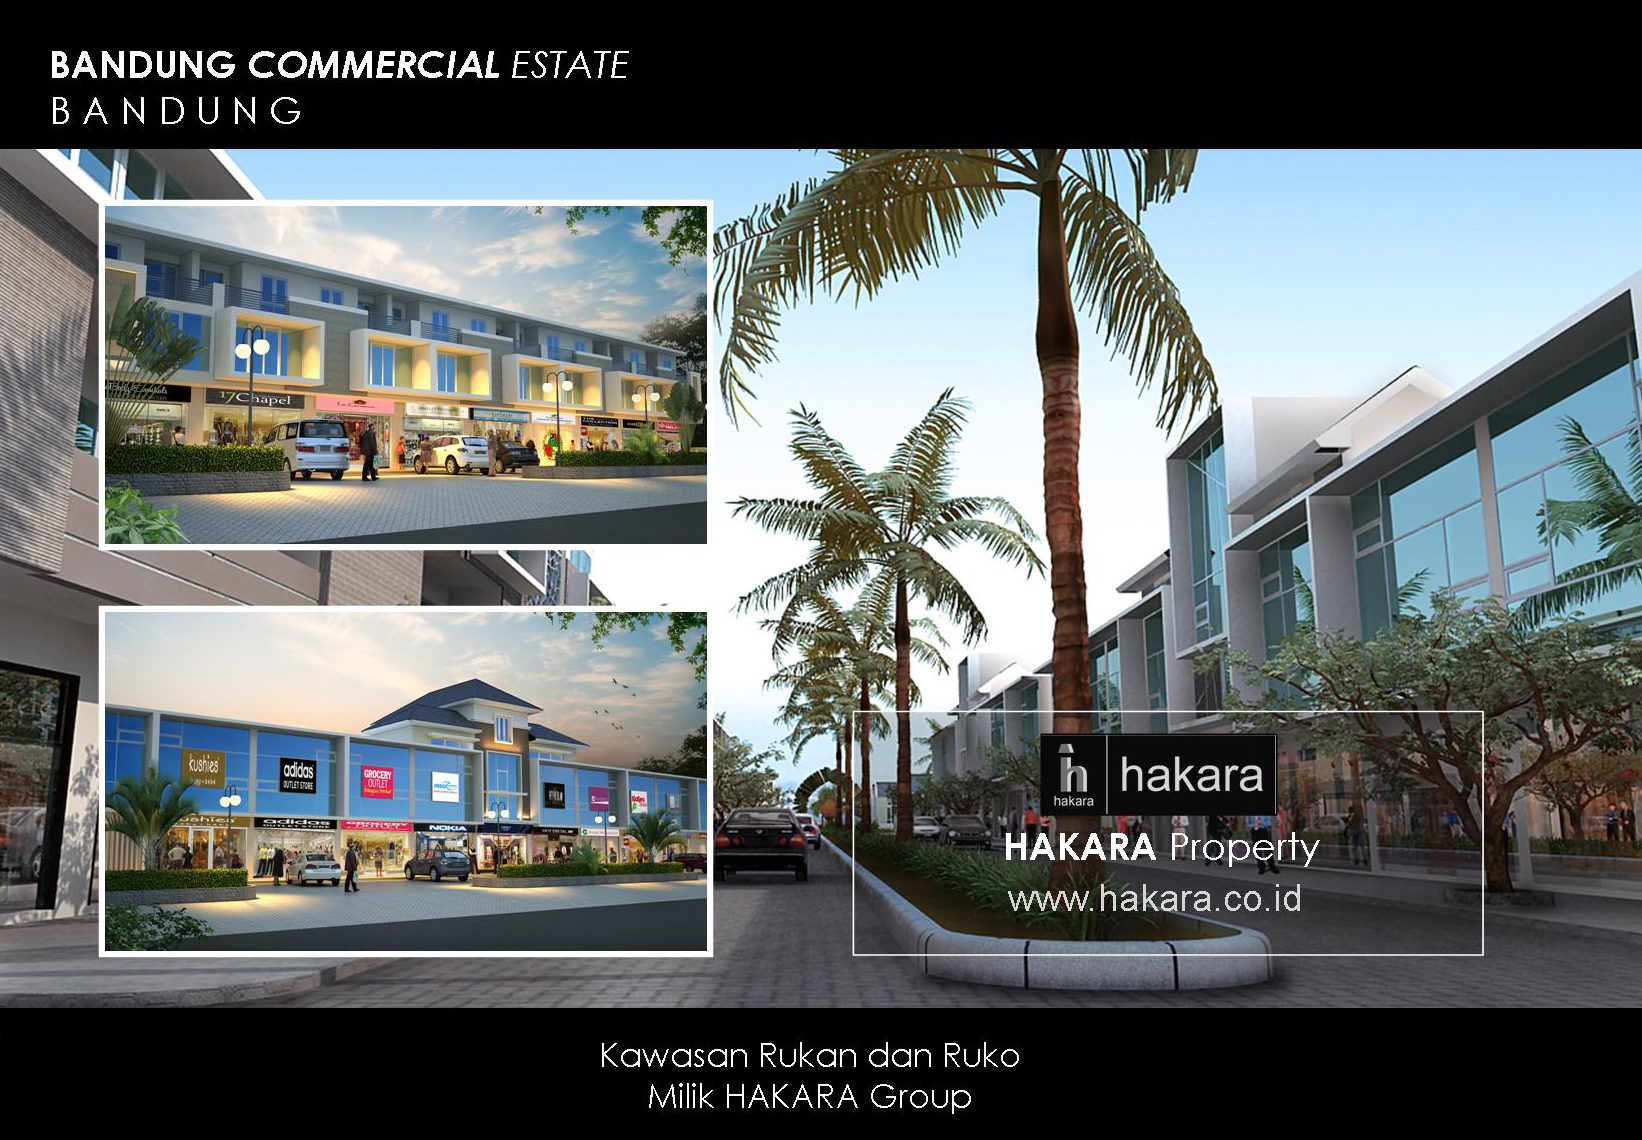 Hakara Property